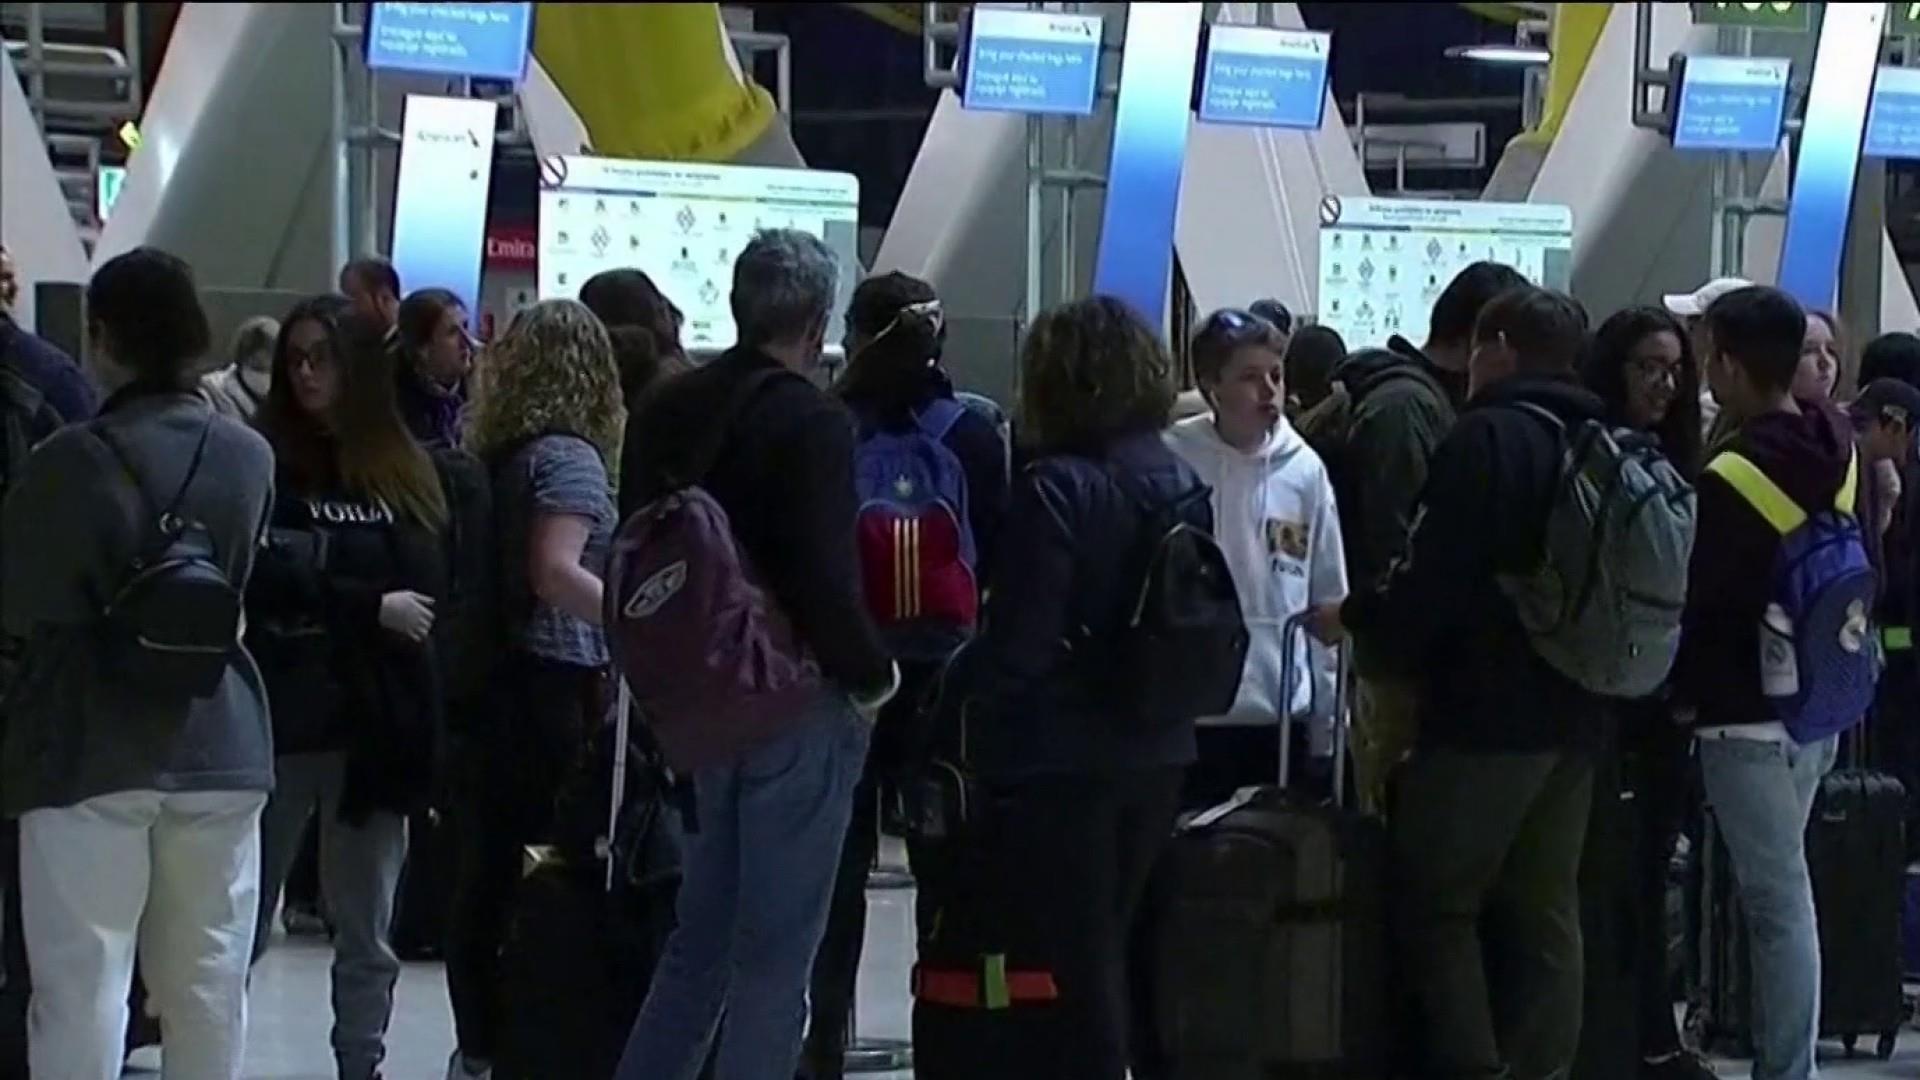 Coronavirus: France on lockdown, Spain declares state of emergency